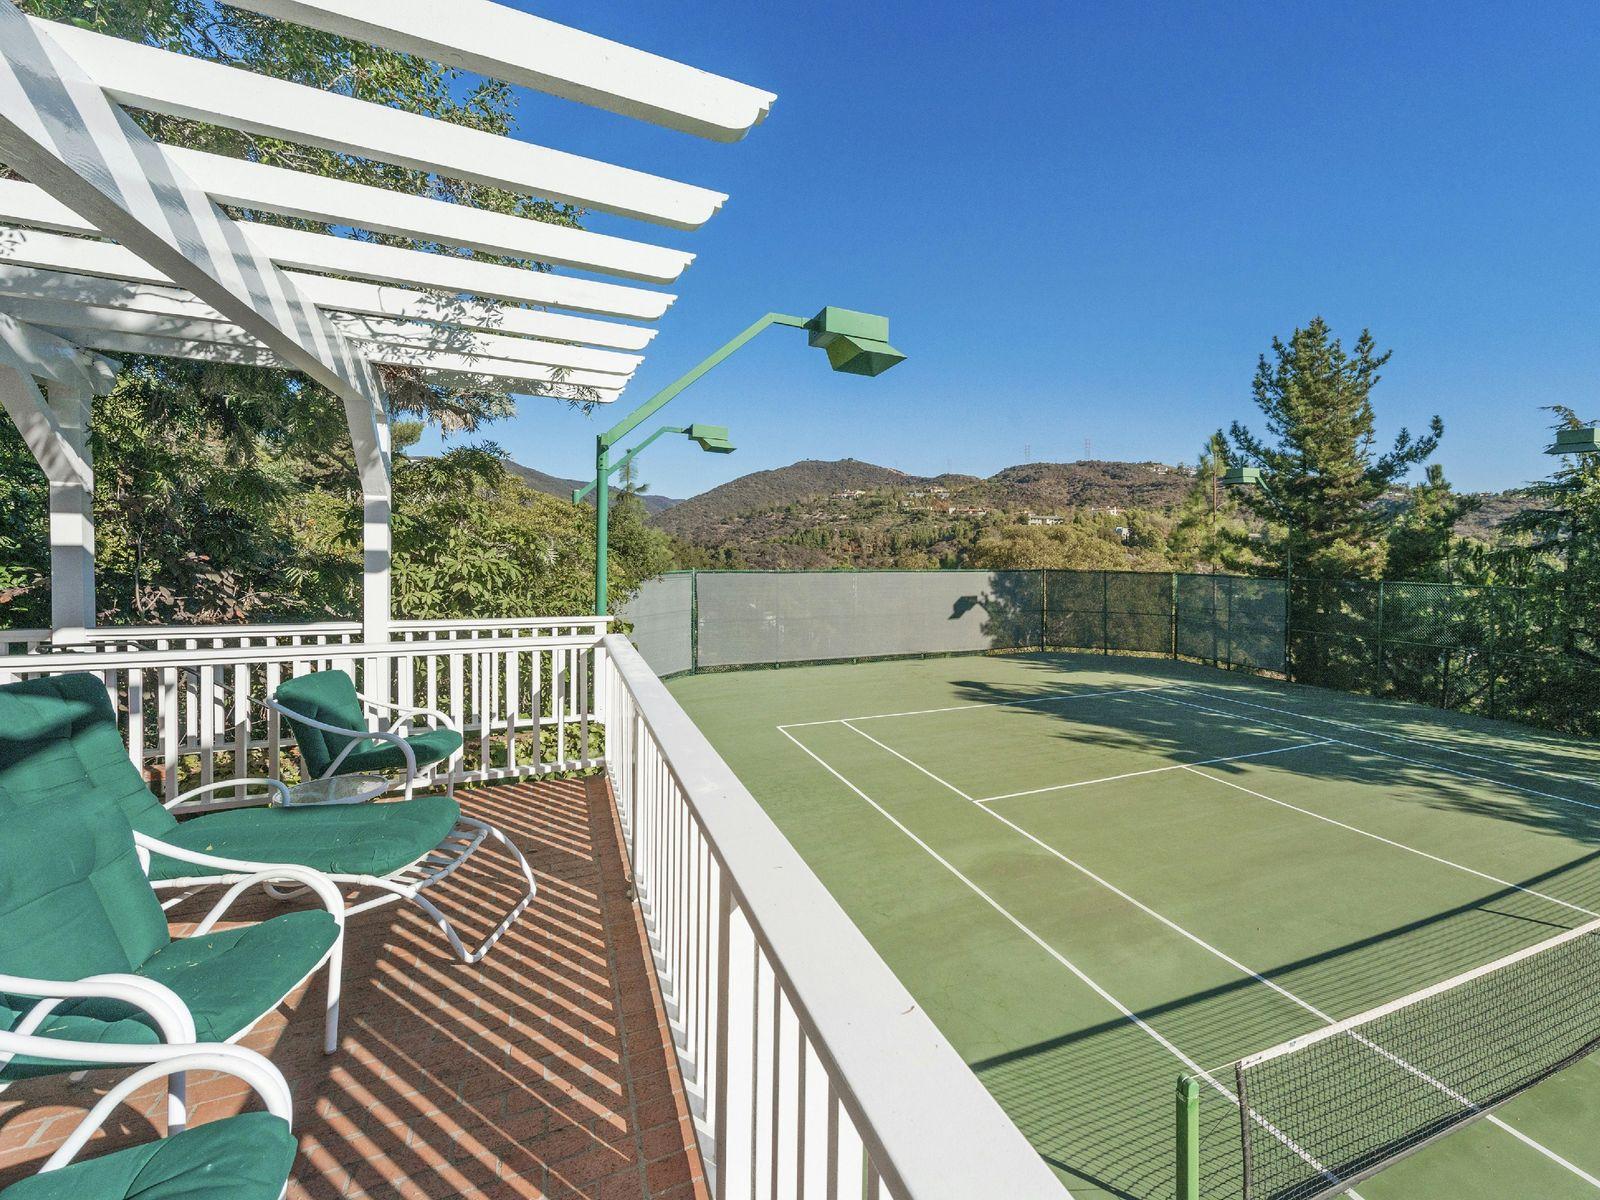 Brentwood Tennis Court Estate